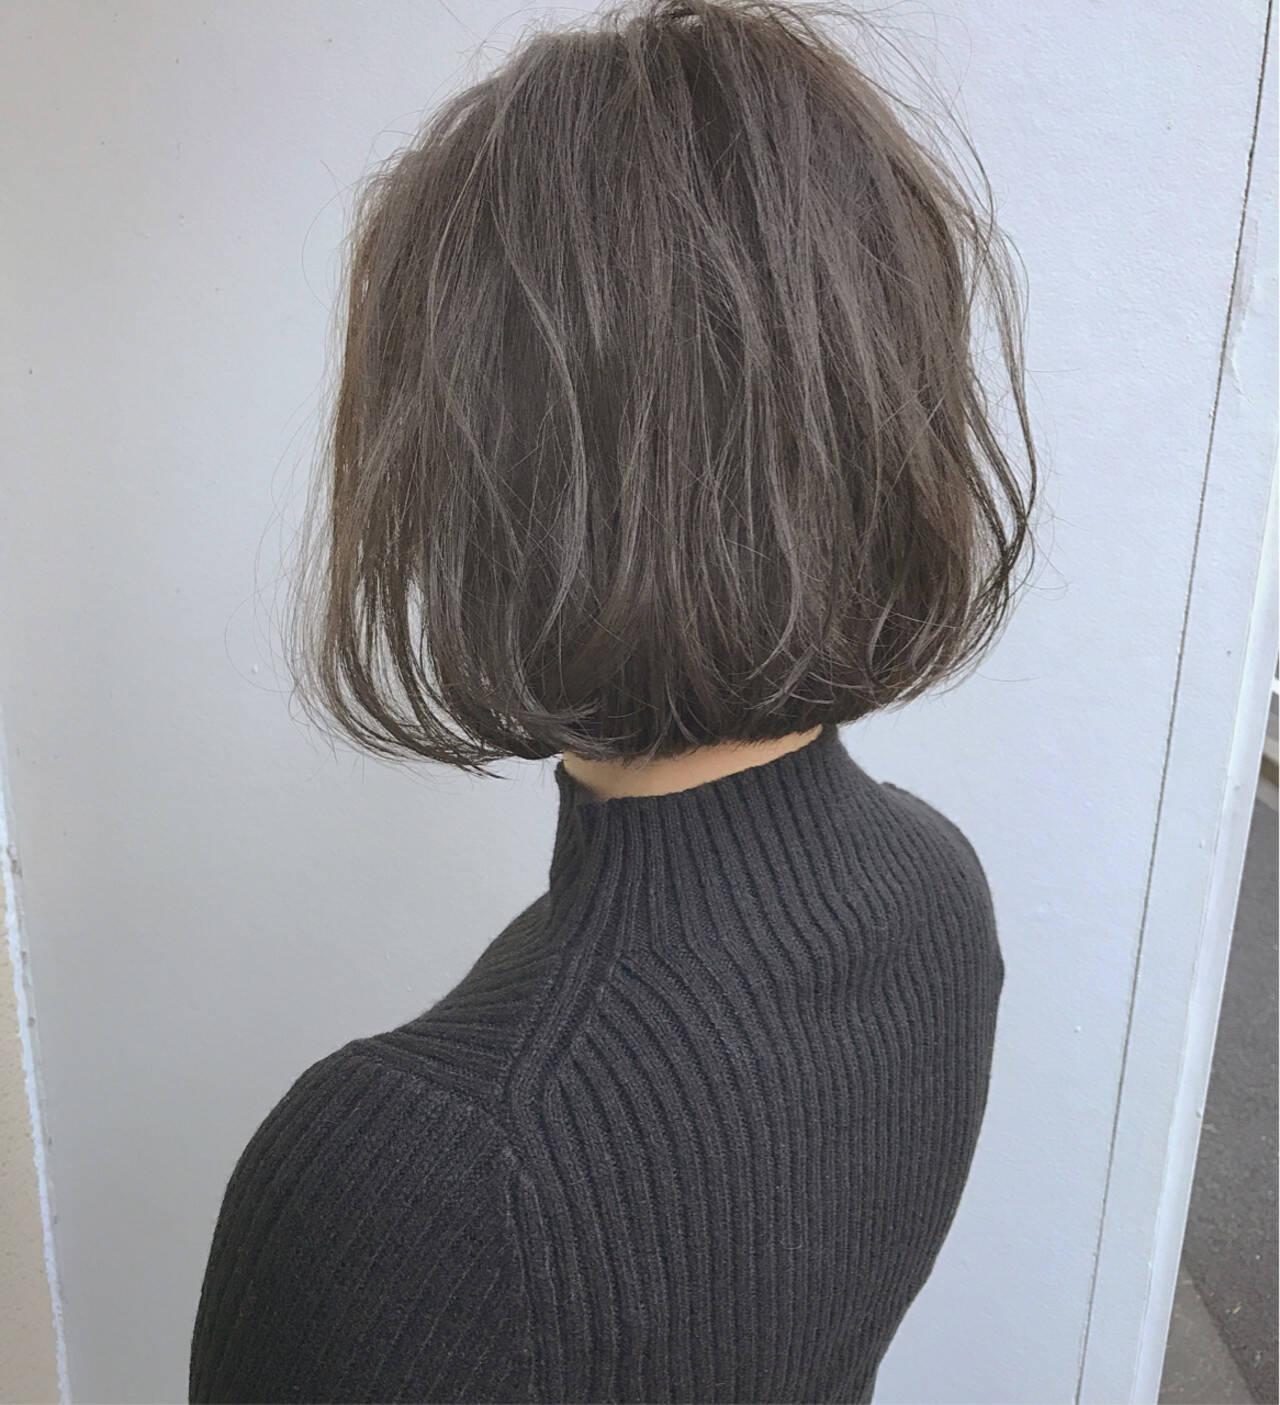 ハイライト パーマ ボブ オフィスヘアスタイルや髪型の写真・画像